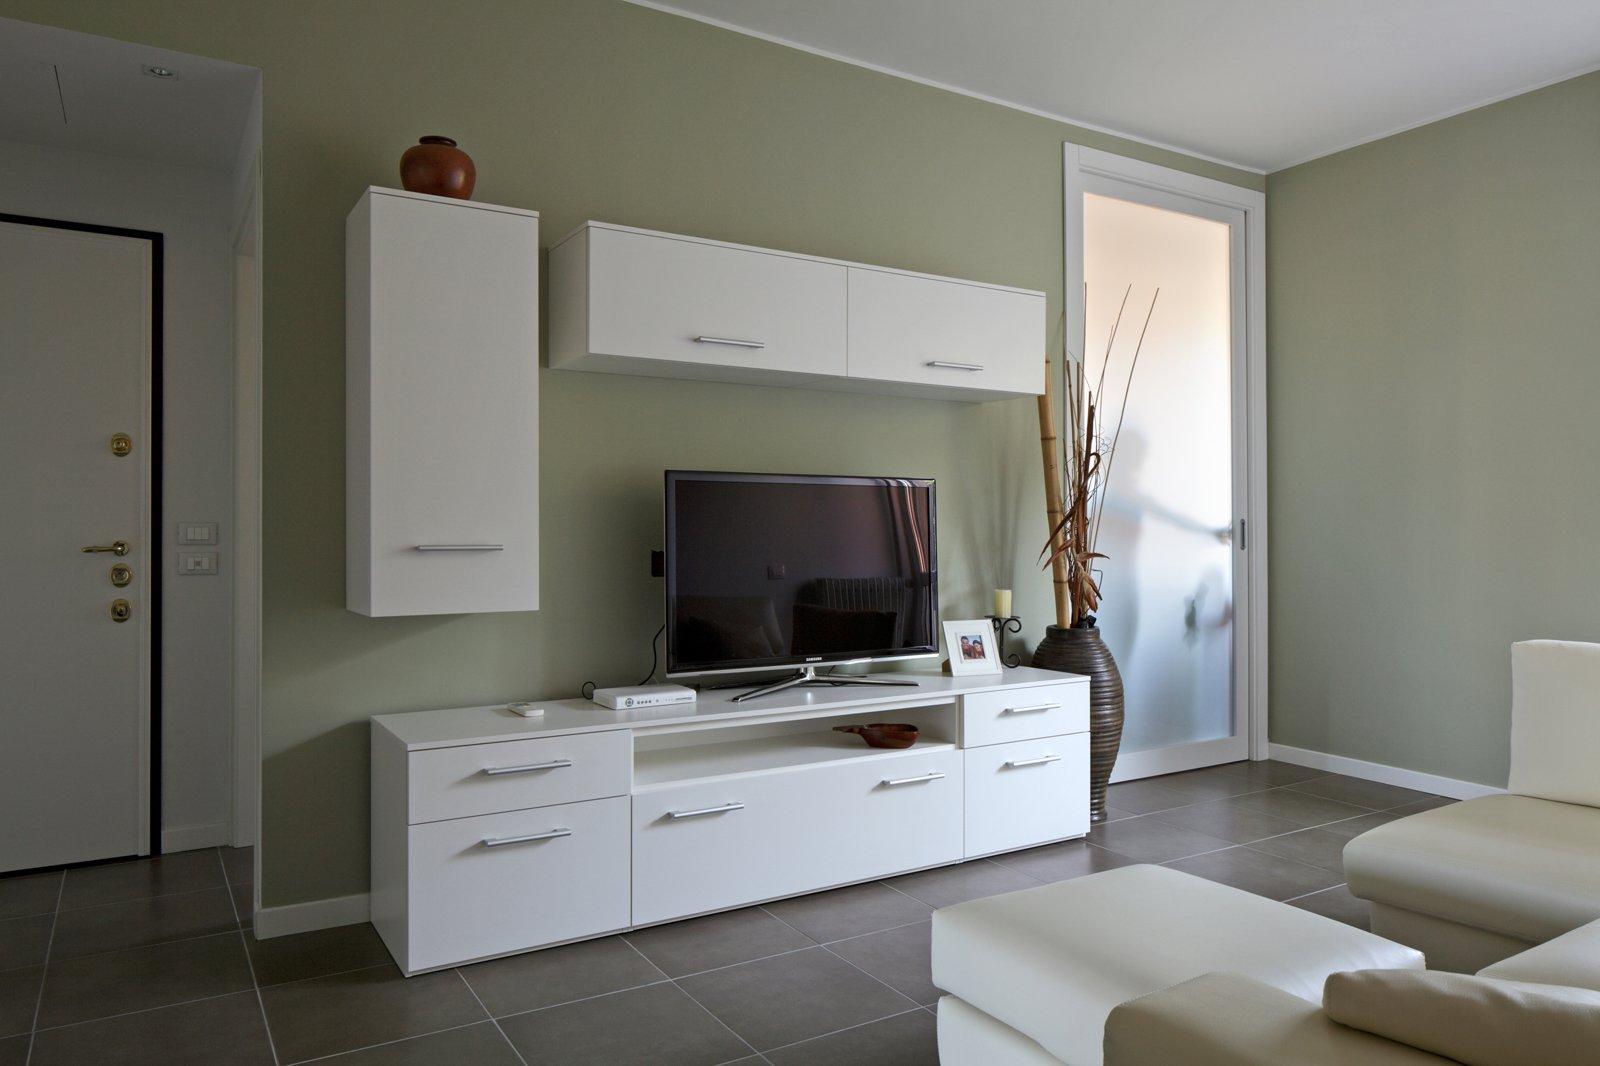 Idee da copiare per migliorare la casa cose di casa for Idee per tinteggiare il salotto